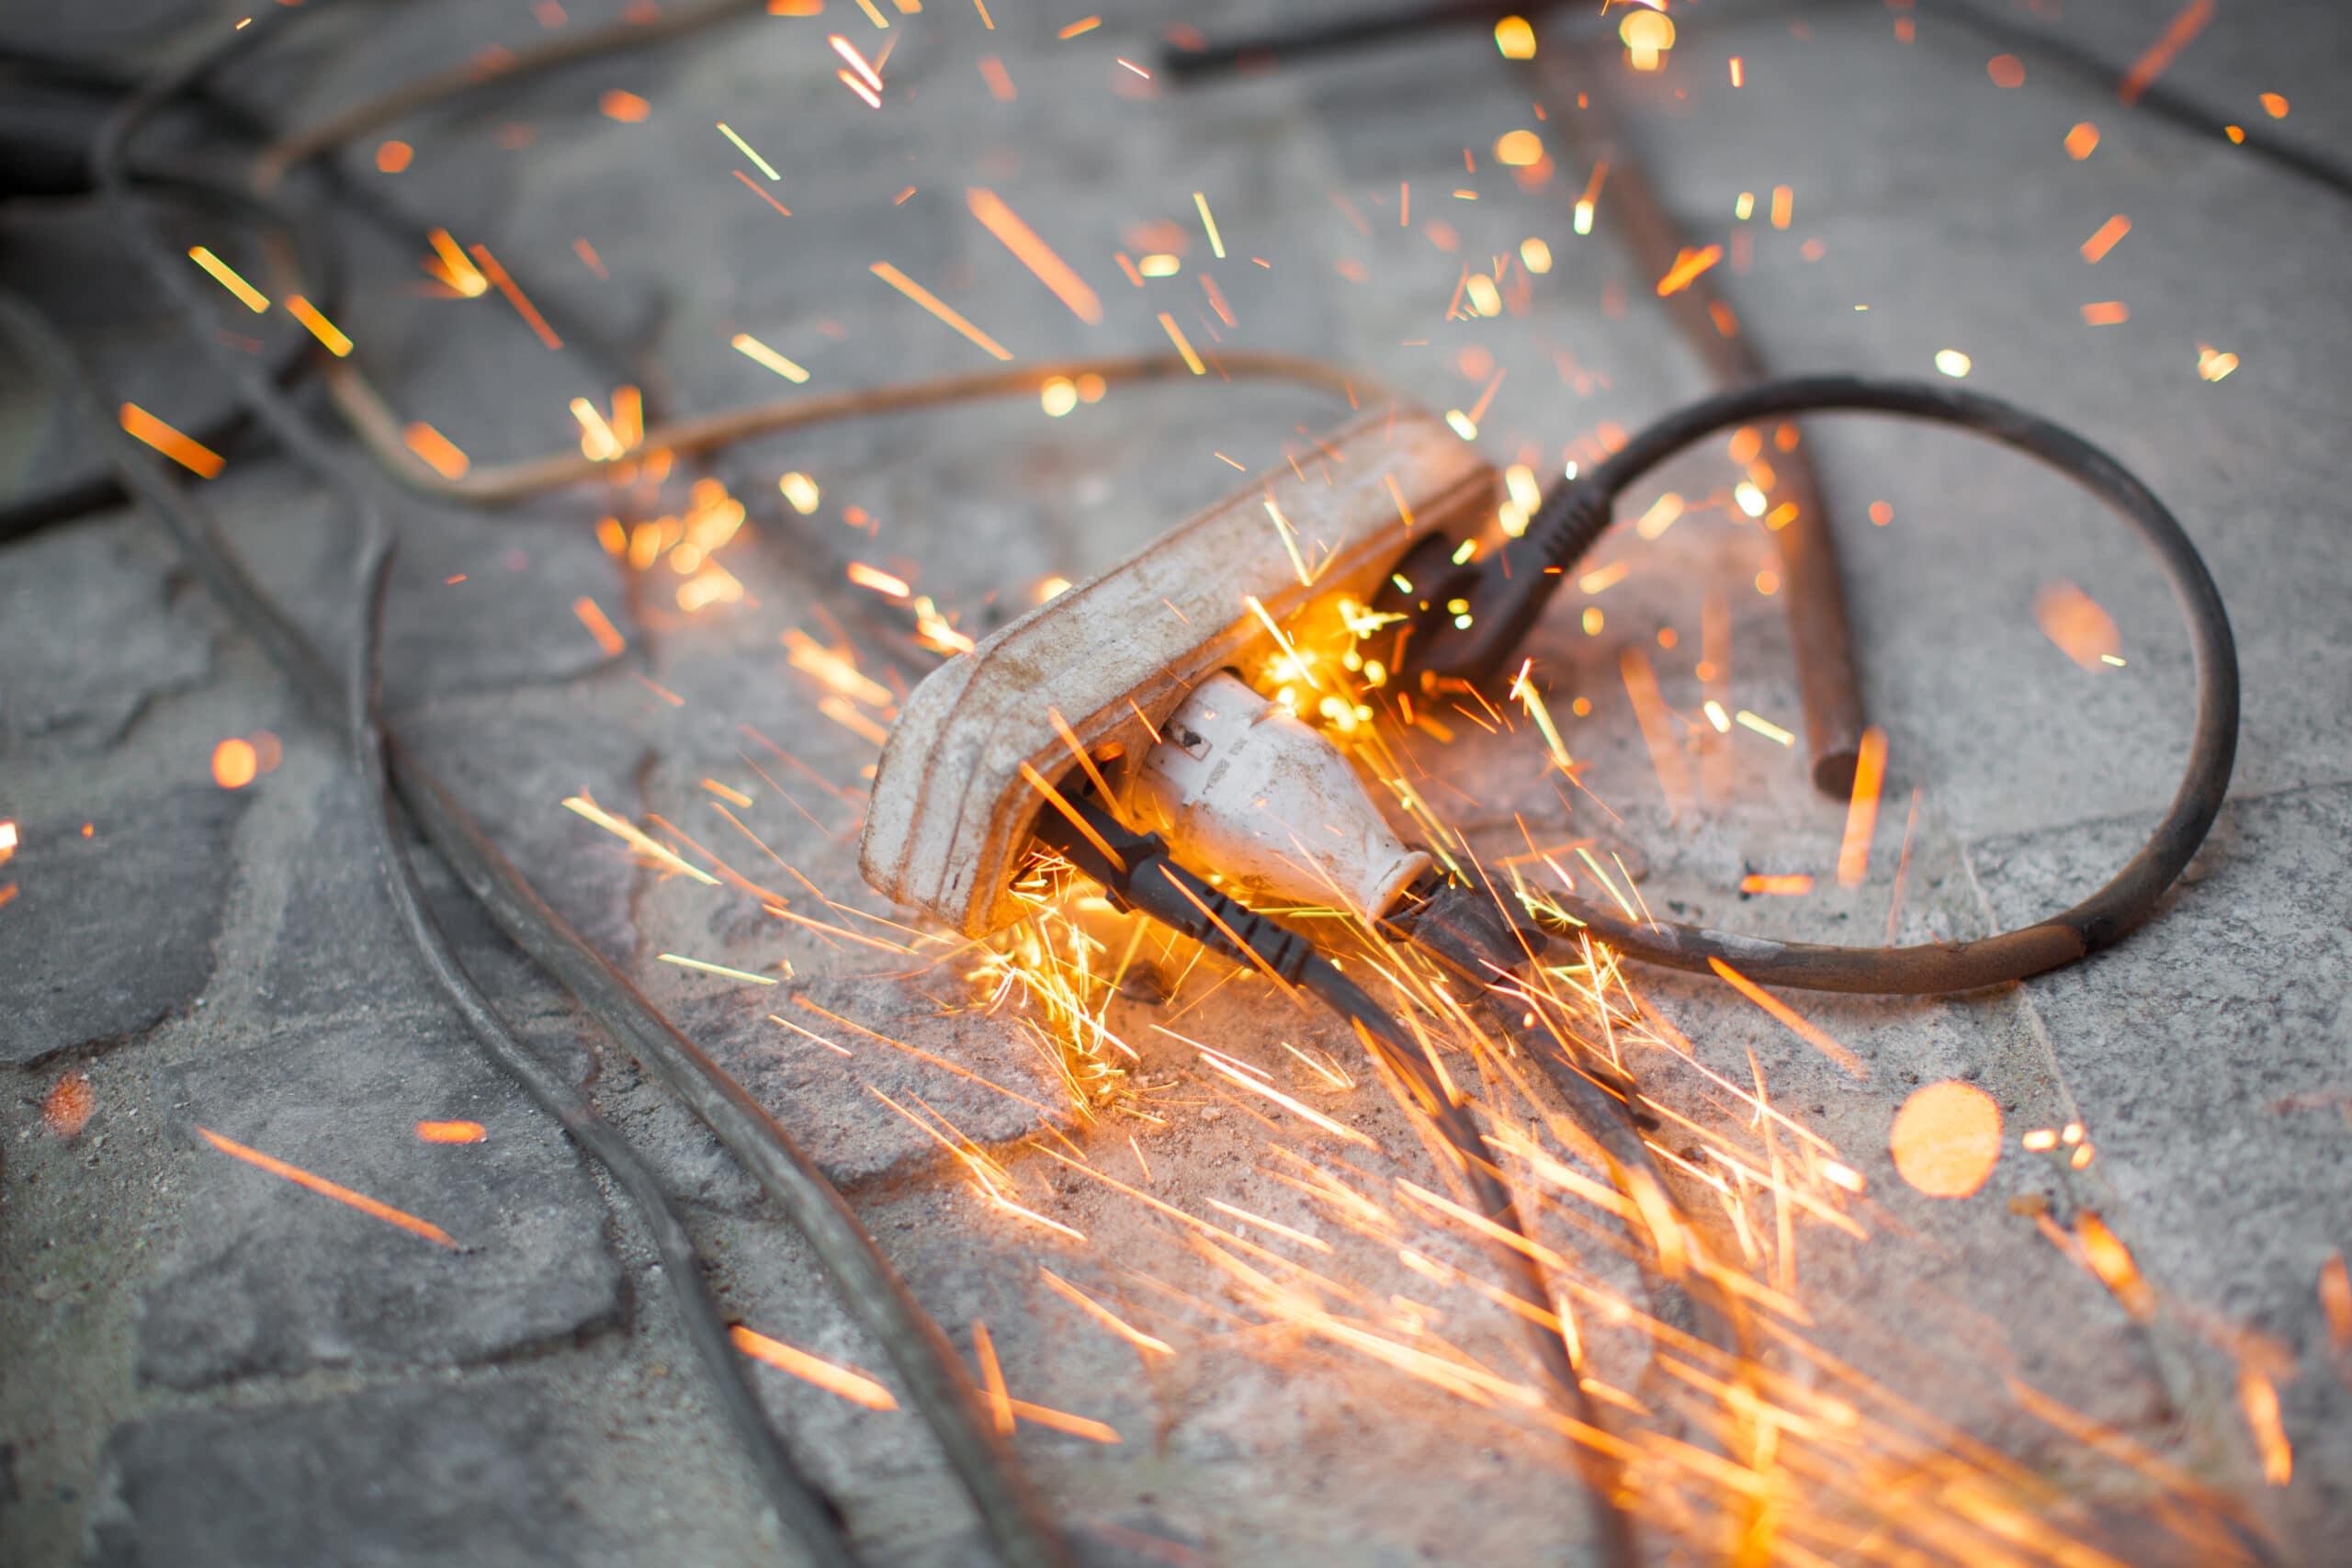 burning electrical outlet shorting, danger